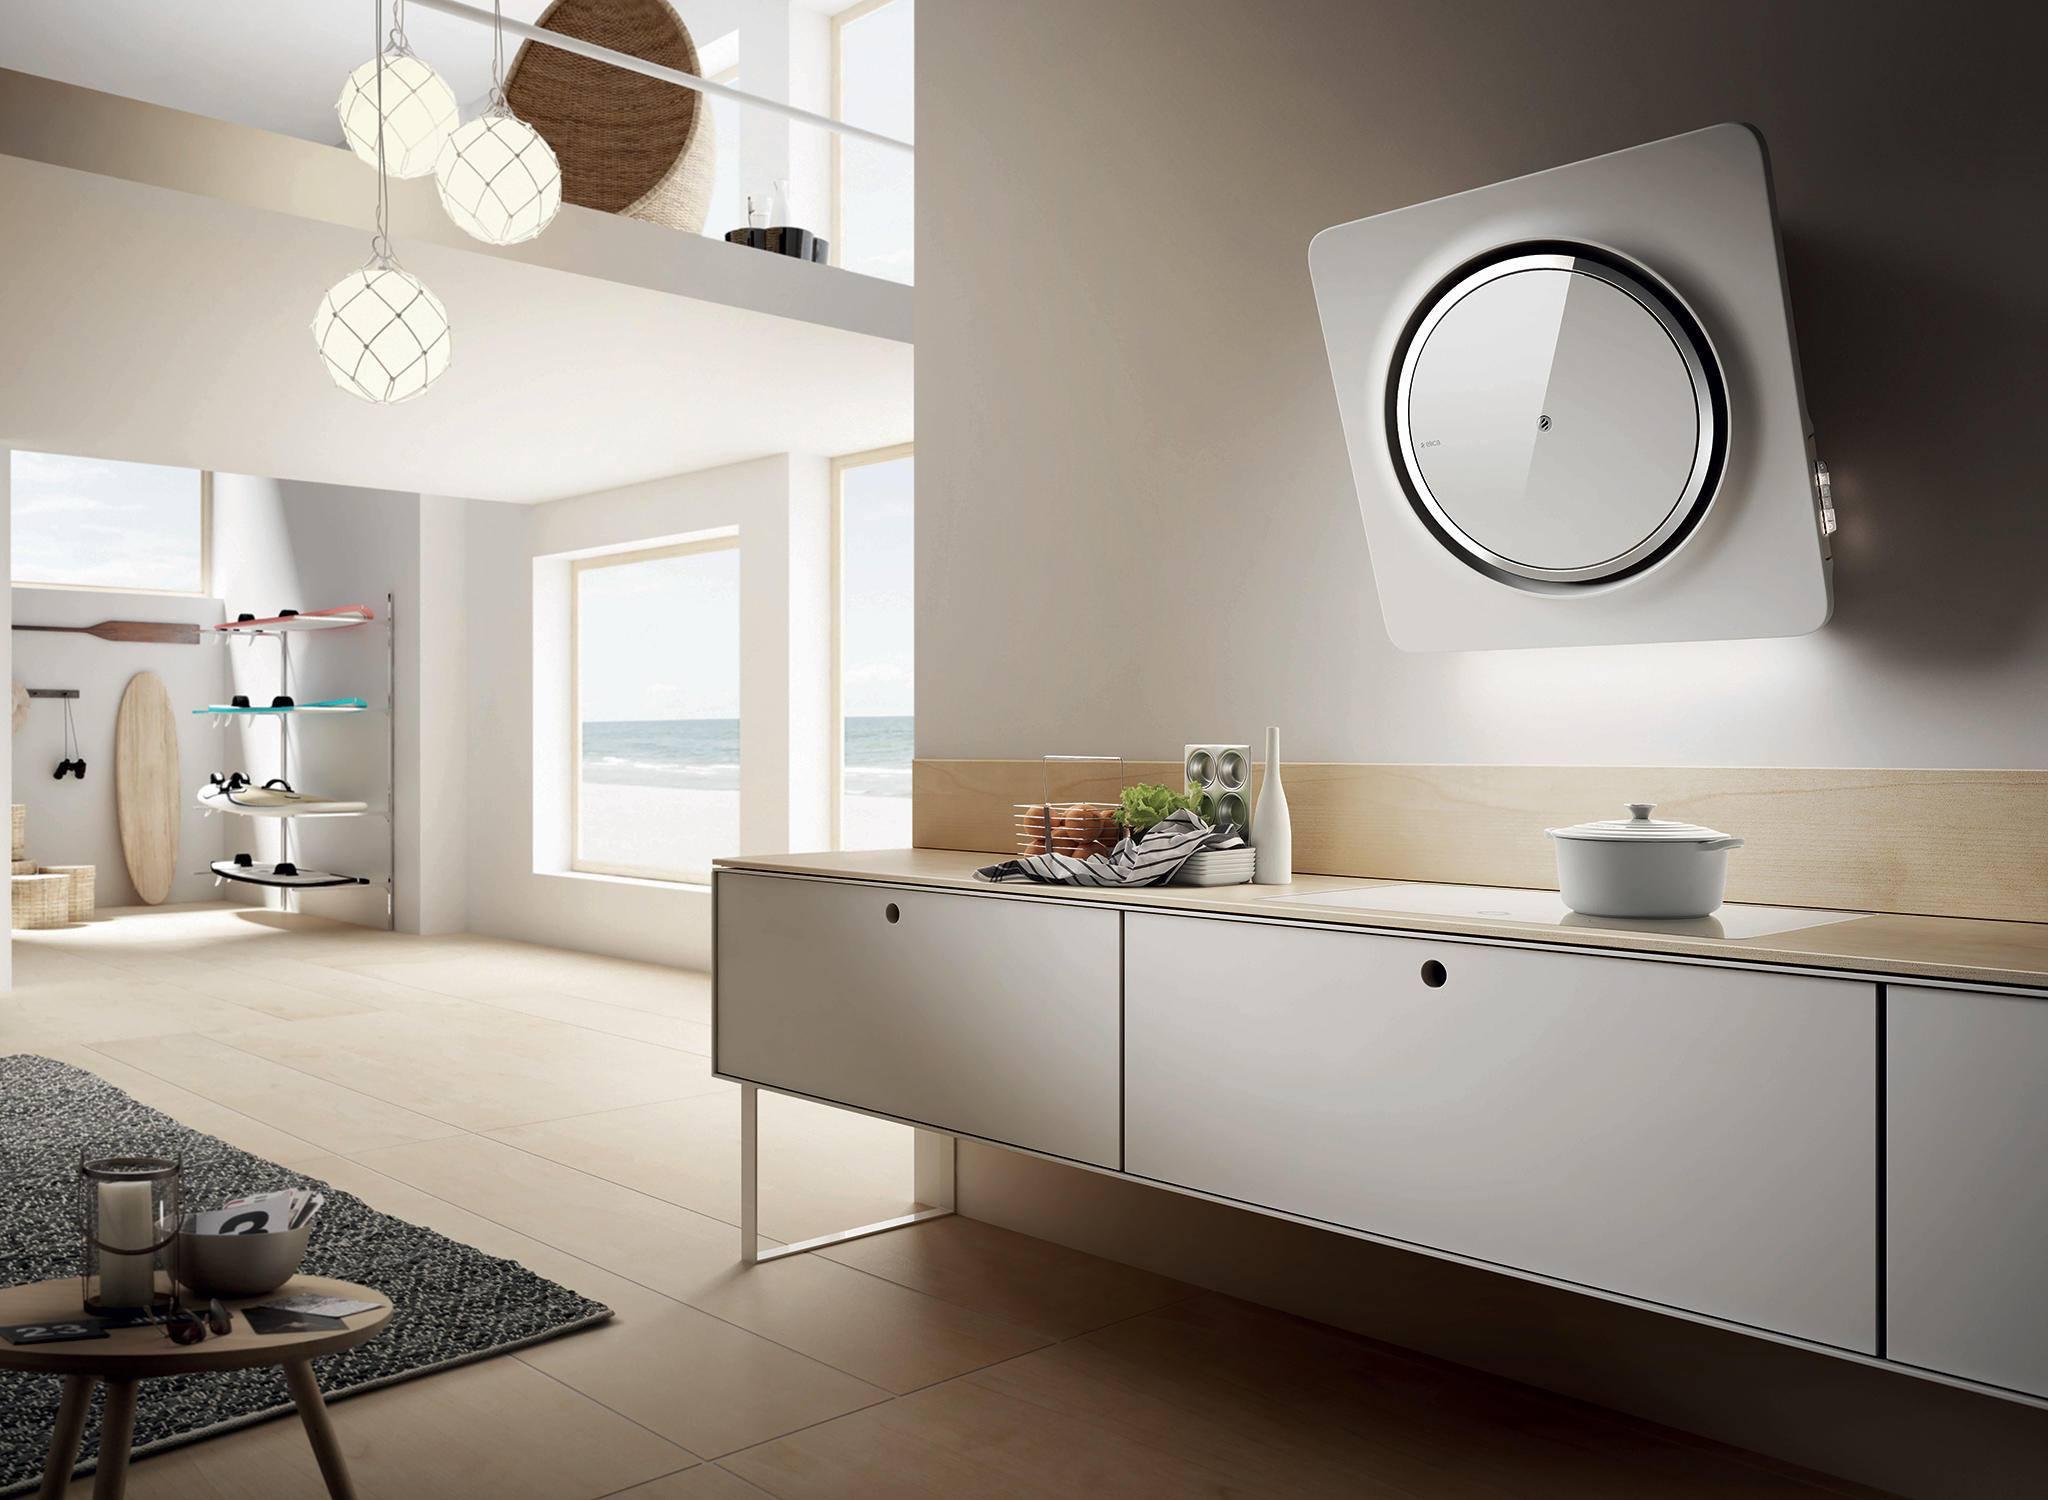 elica-campanas-ambientes-de-diseno-cocinas-con-diseno-unico-muebles-de-cocina-antalia-cocinas-proyecto-de-cocina-cocinas-de-diseno-exclusivo-6